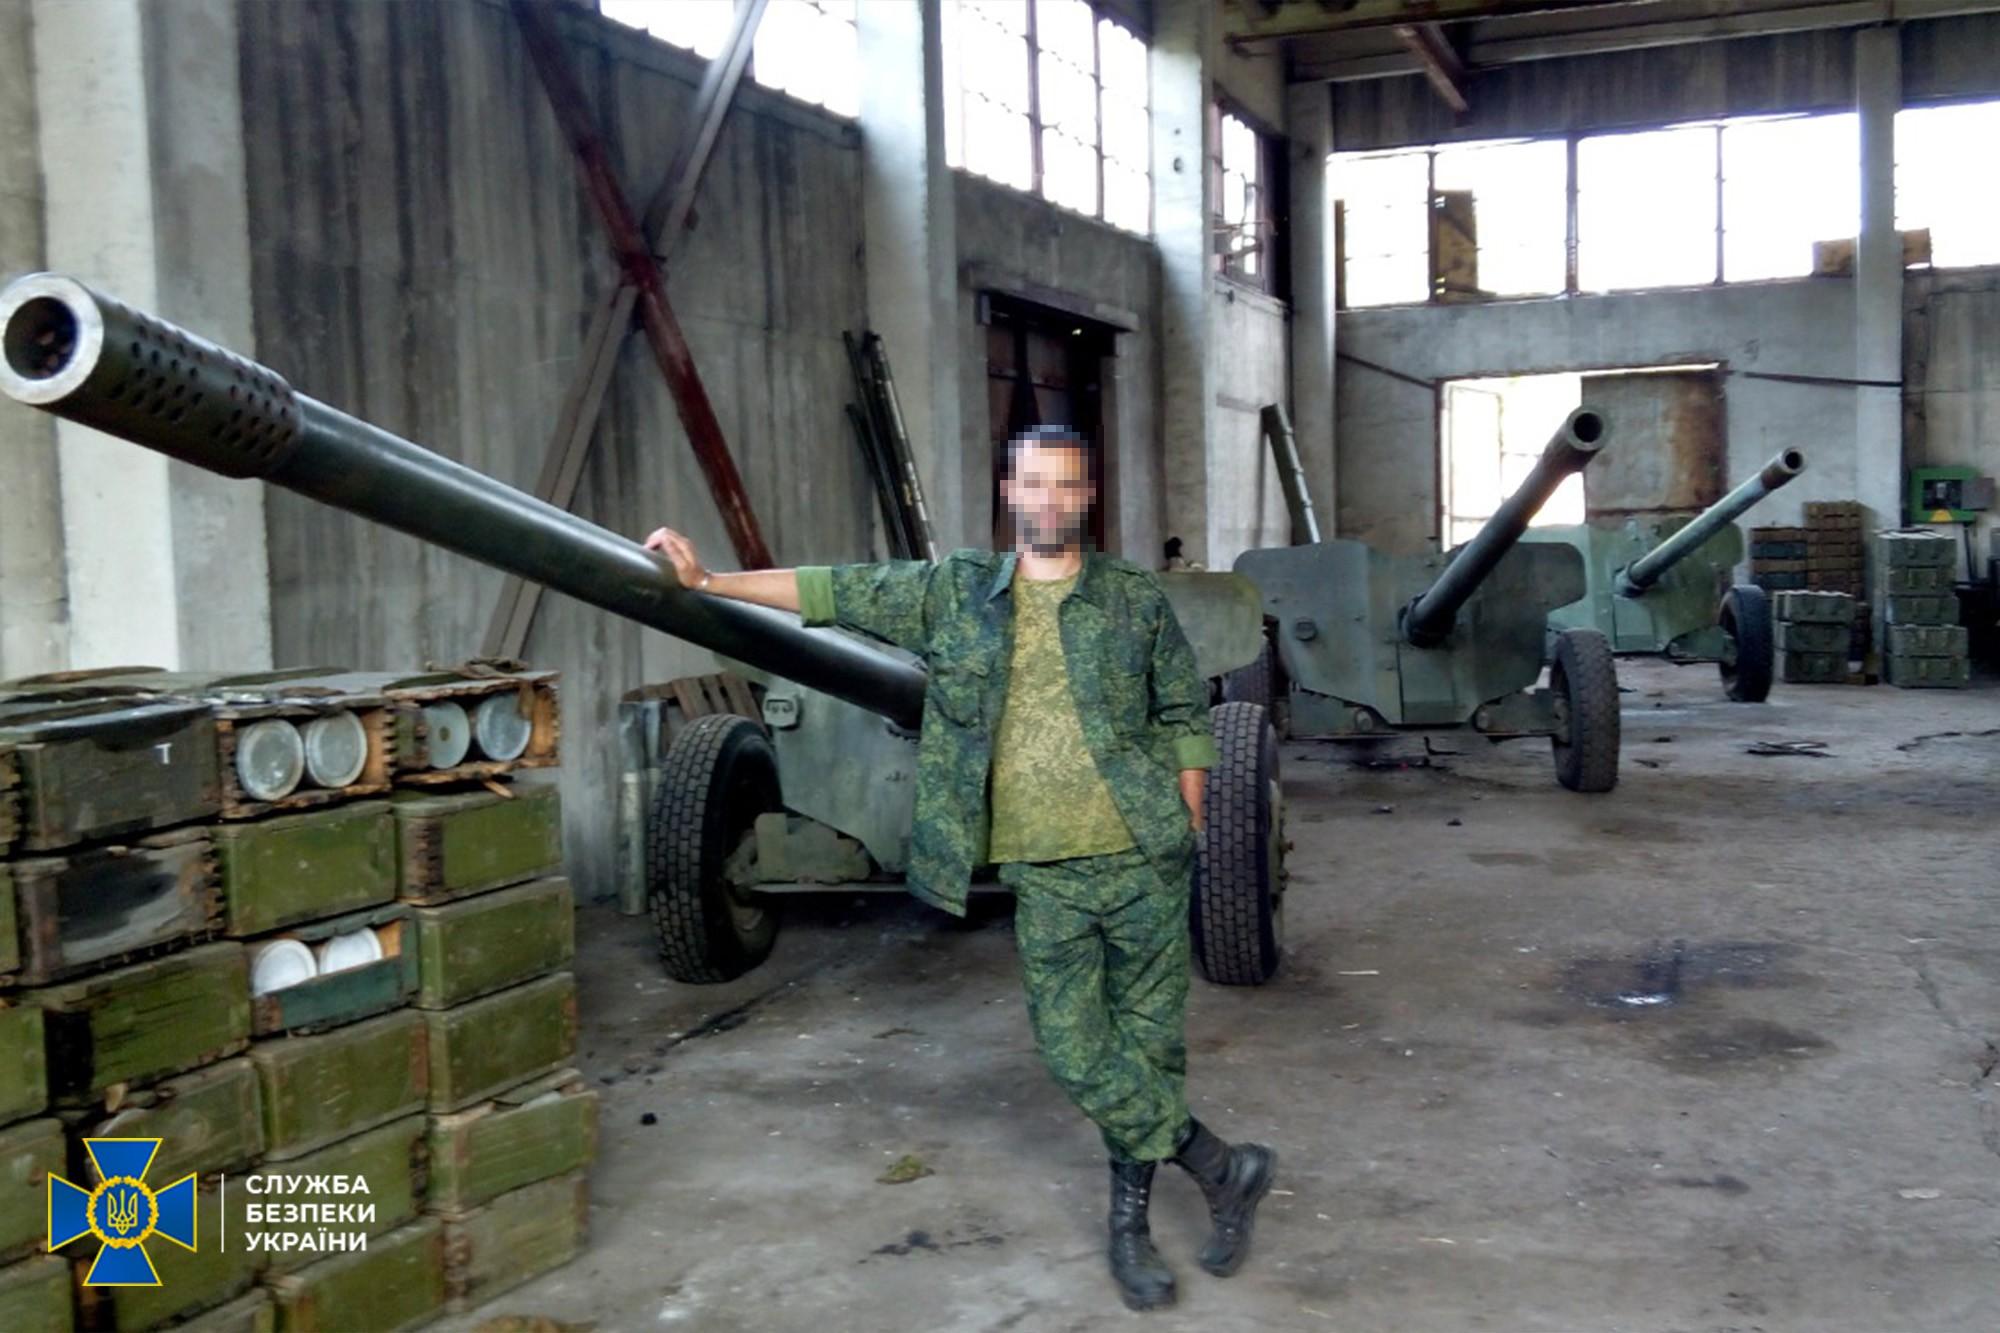 СБУ допросила пойманного на Донбассе боевика. На его телефоне видео обстрела позиций ВСУ